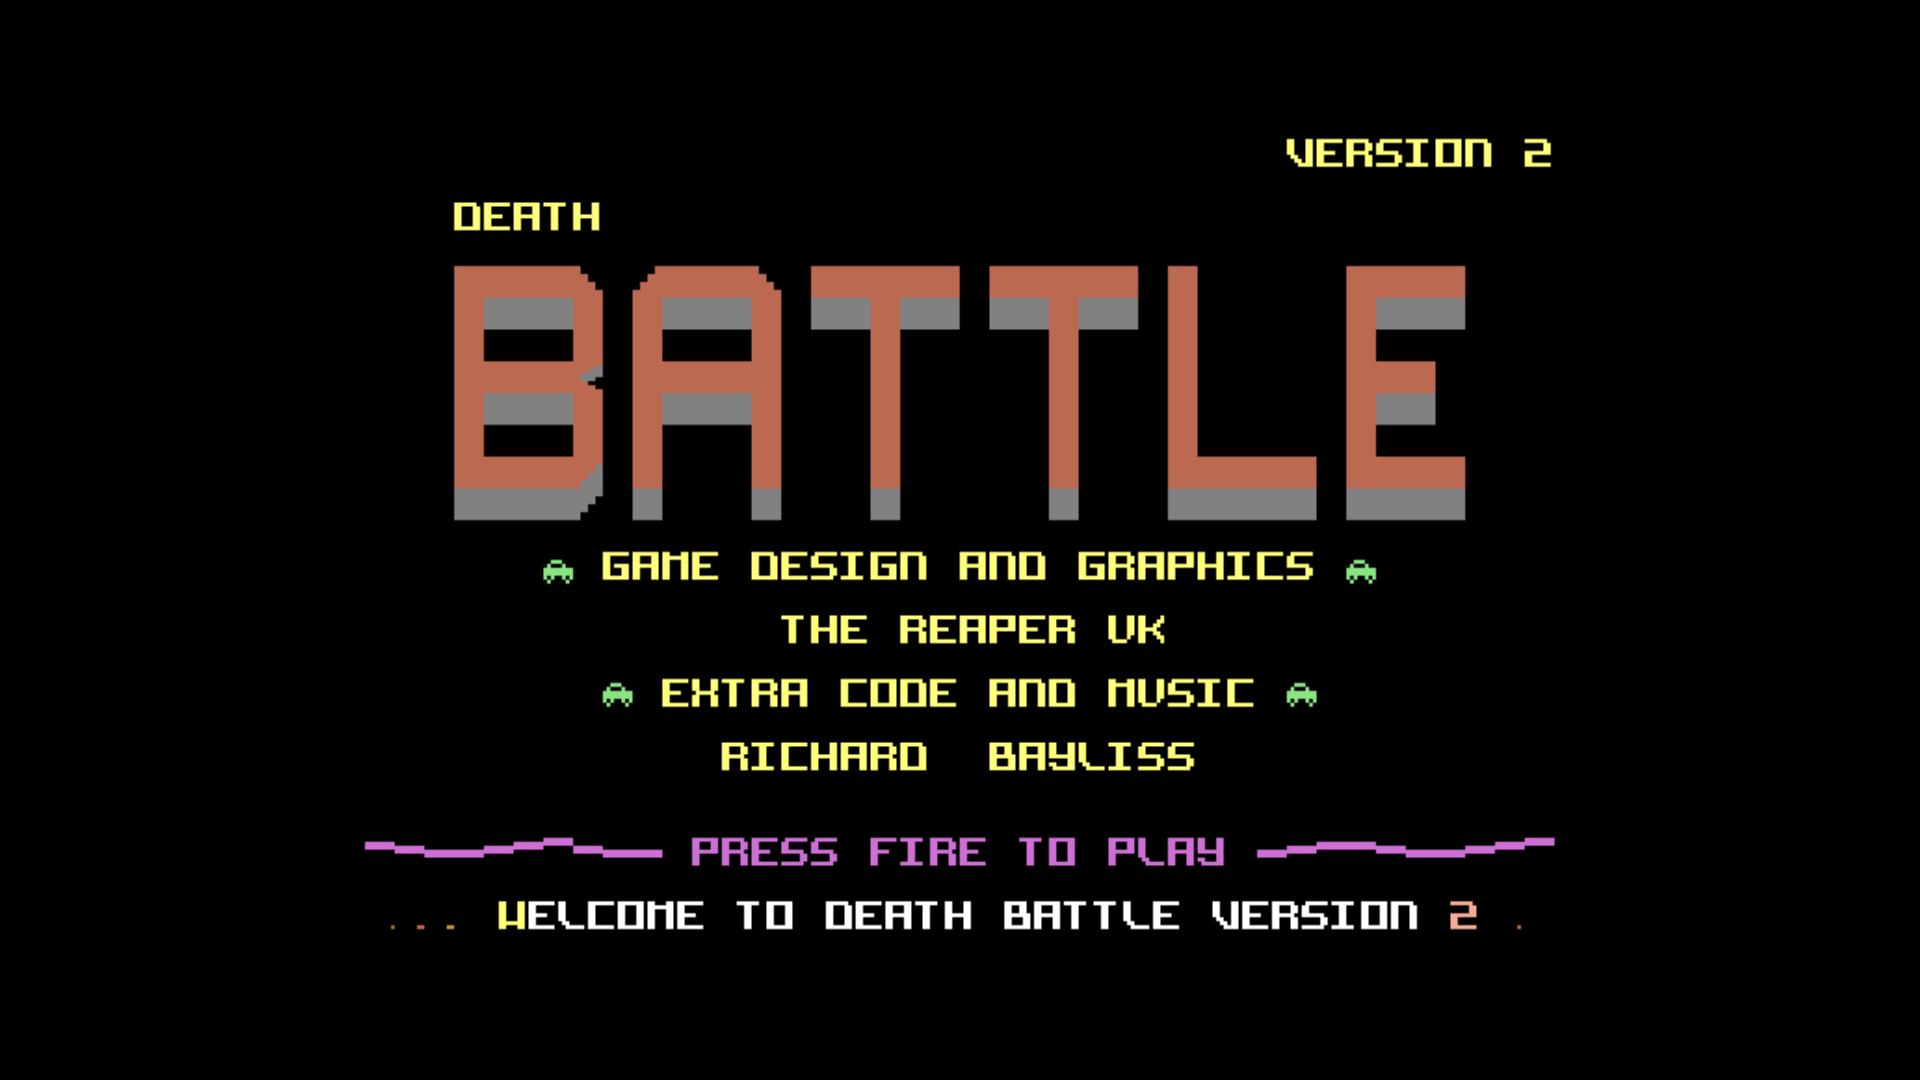 Death-Battle (C64)